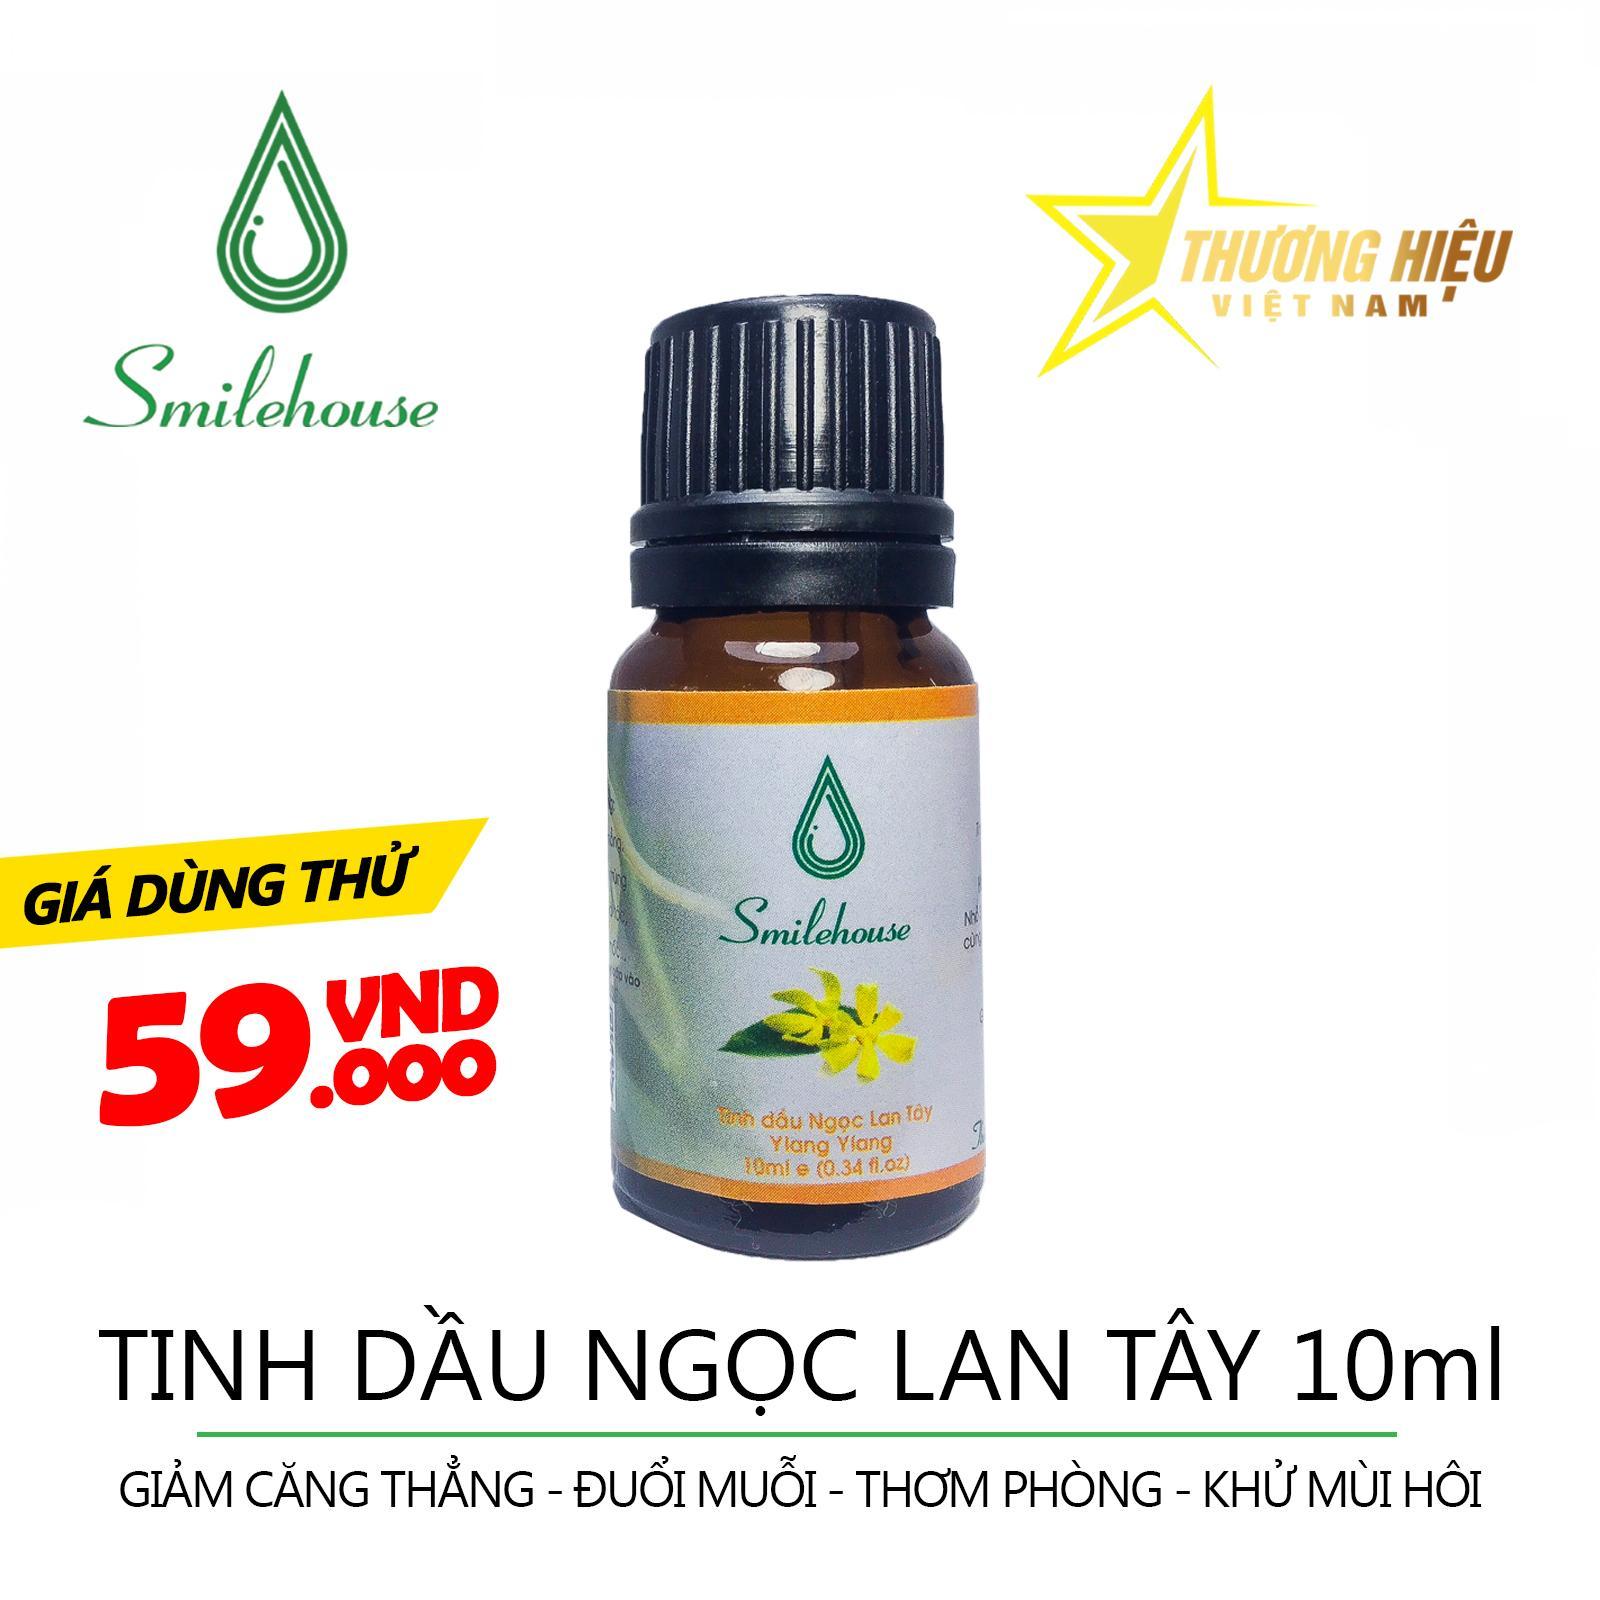 Tinh Dầu Ngọc Lan Tây Smilehouse - 10ml - giảm căng thẳng, thơm phòng, xua đuổi con trùng độc hại, tốt cho sức khỏe TDS